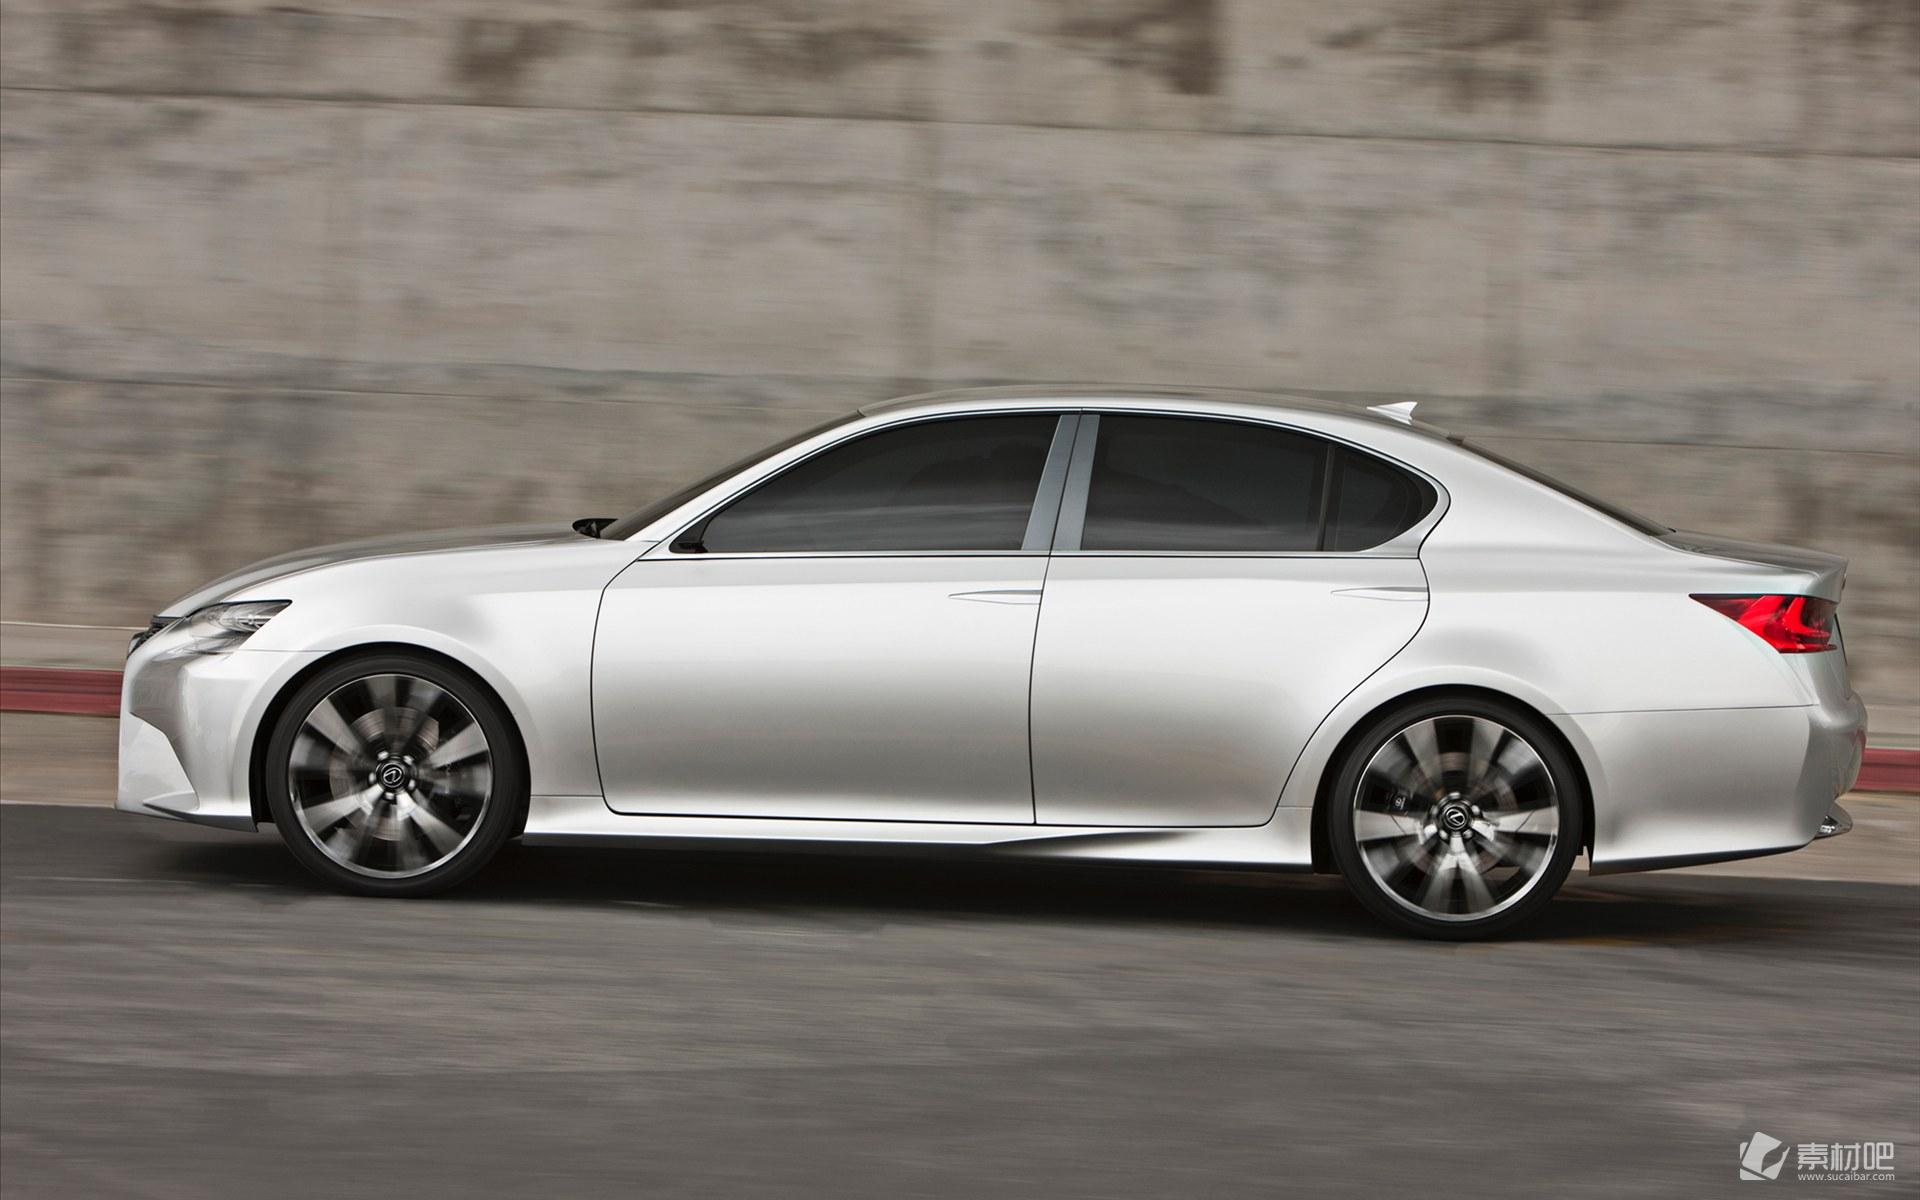 雷克萨斯银色轿车桌面壁纸_汽车图片_素材吧